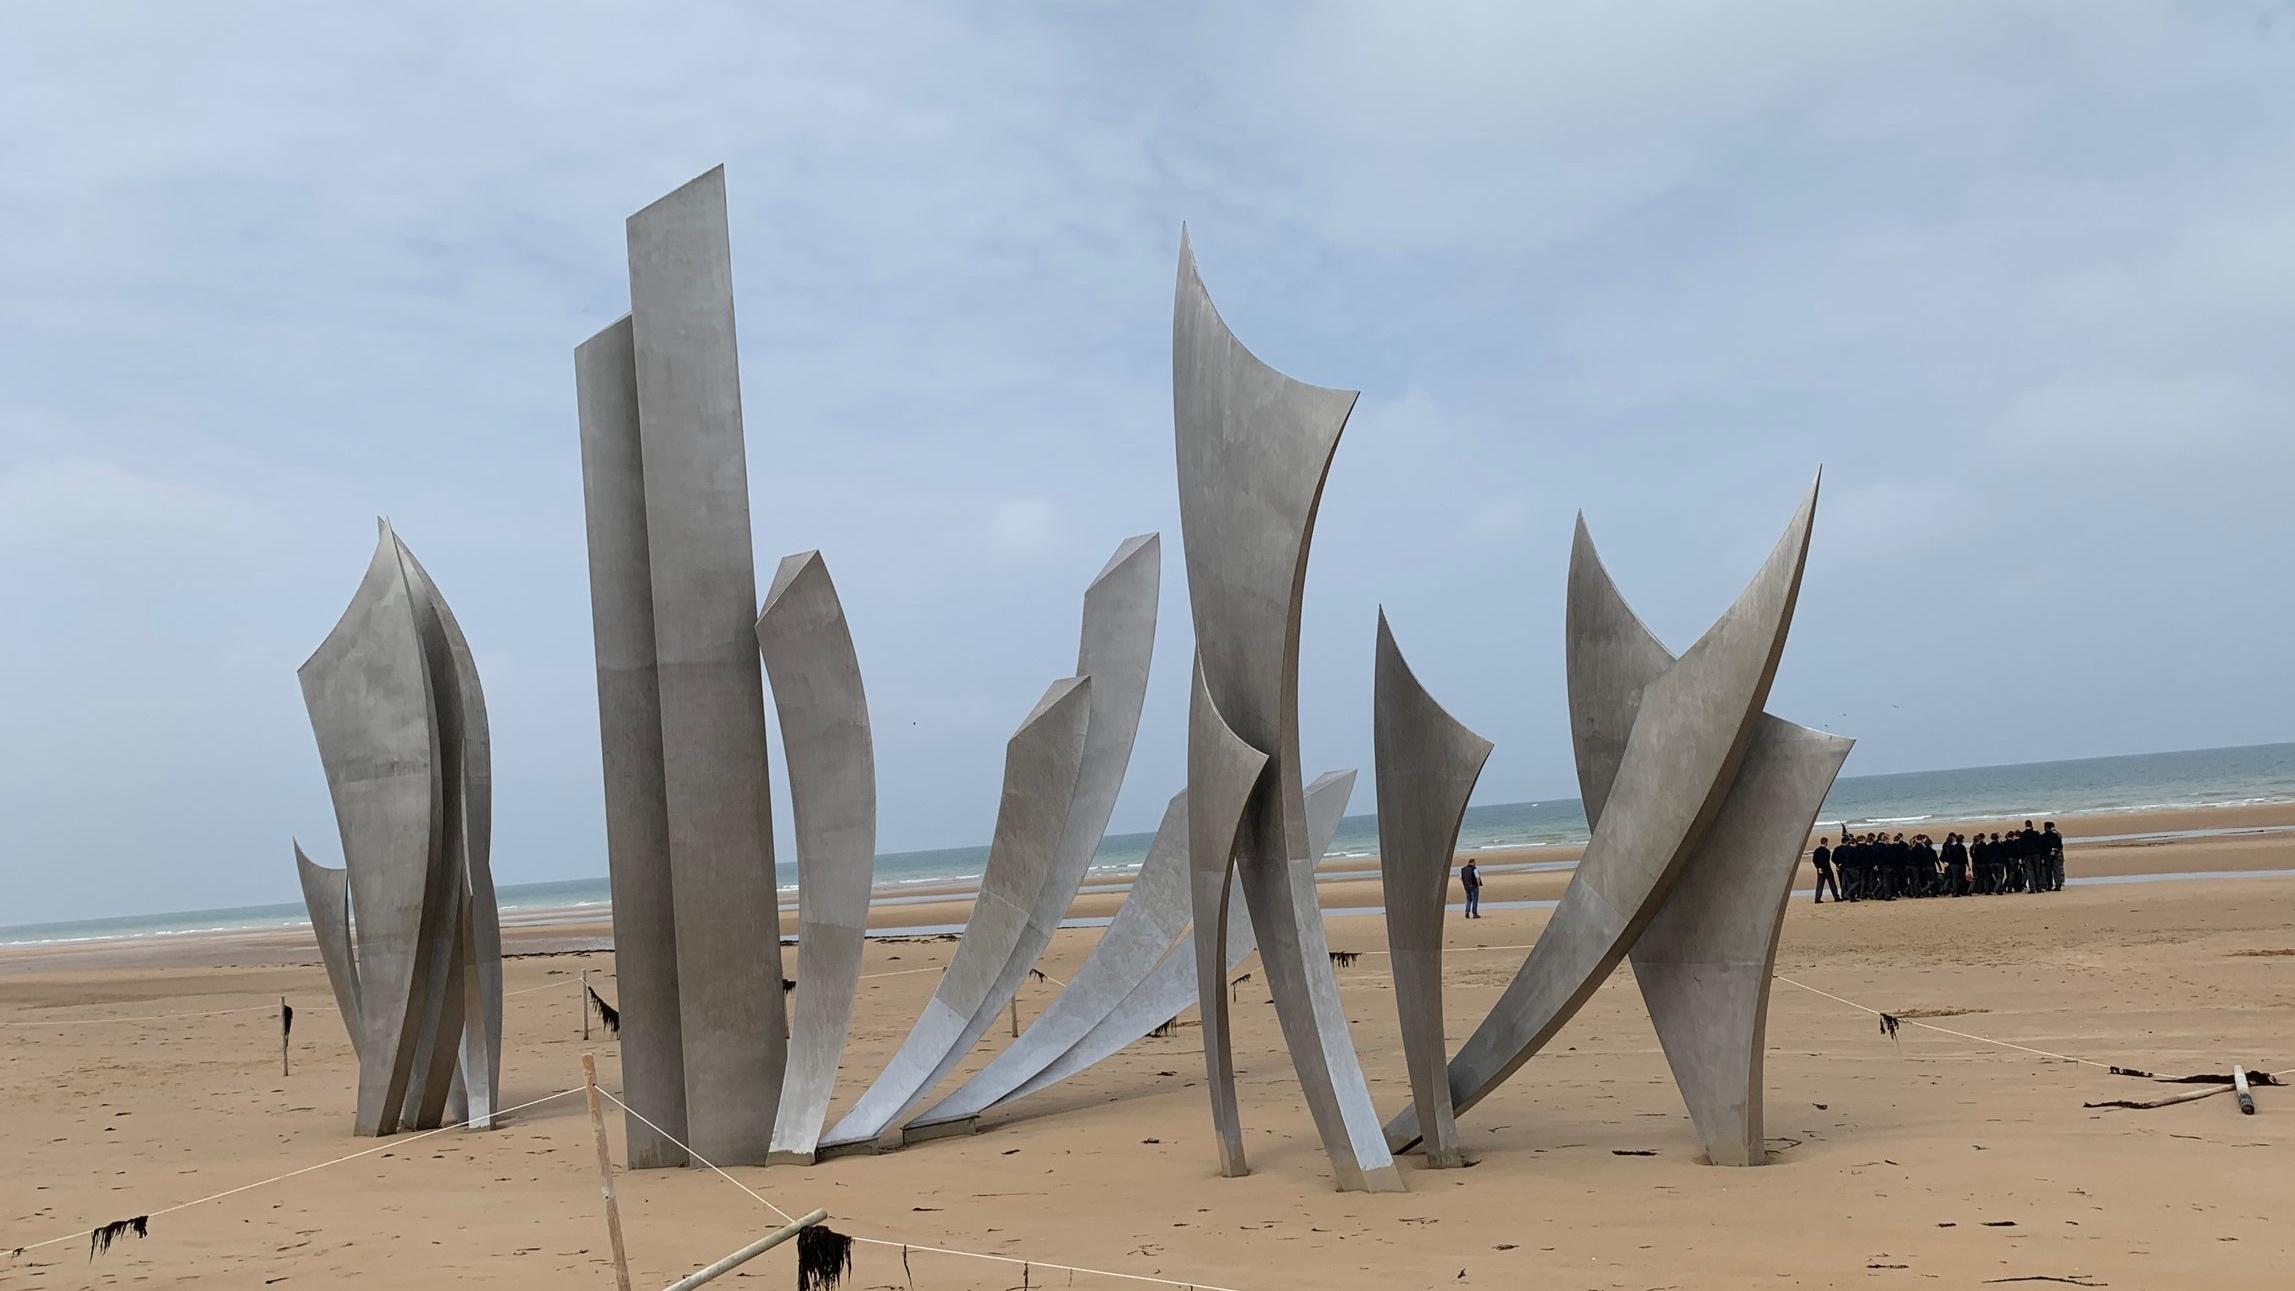 The memorial in front of the ocean.